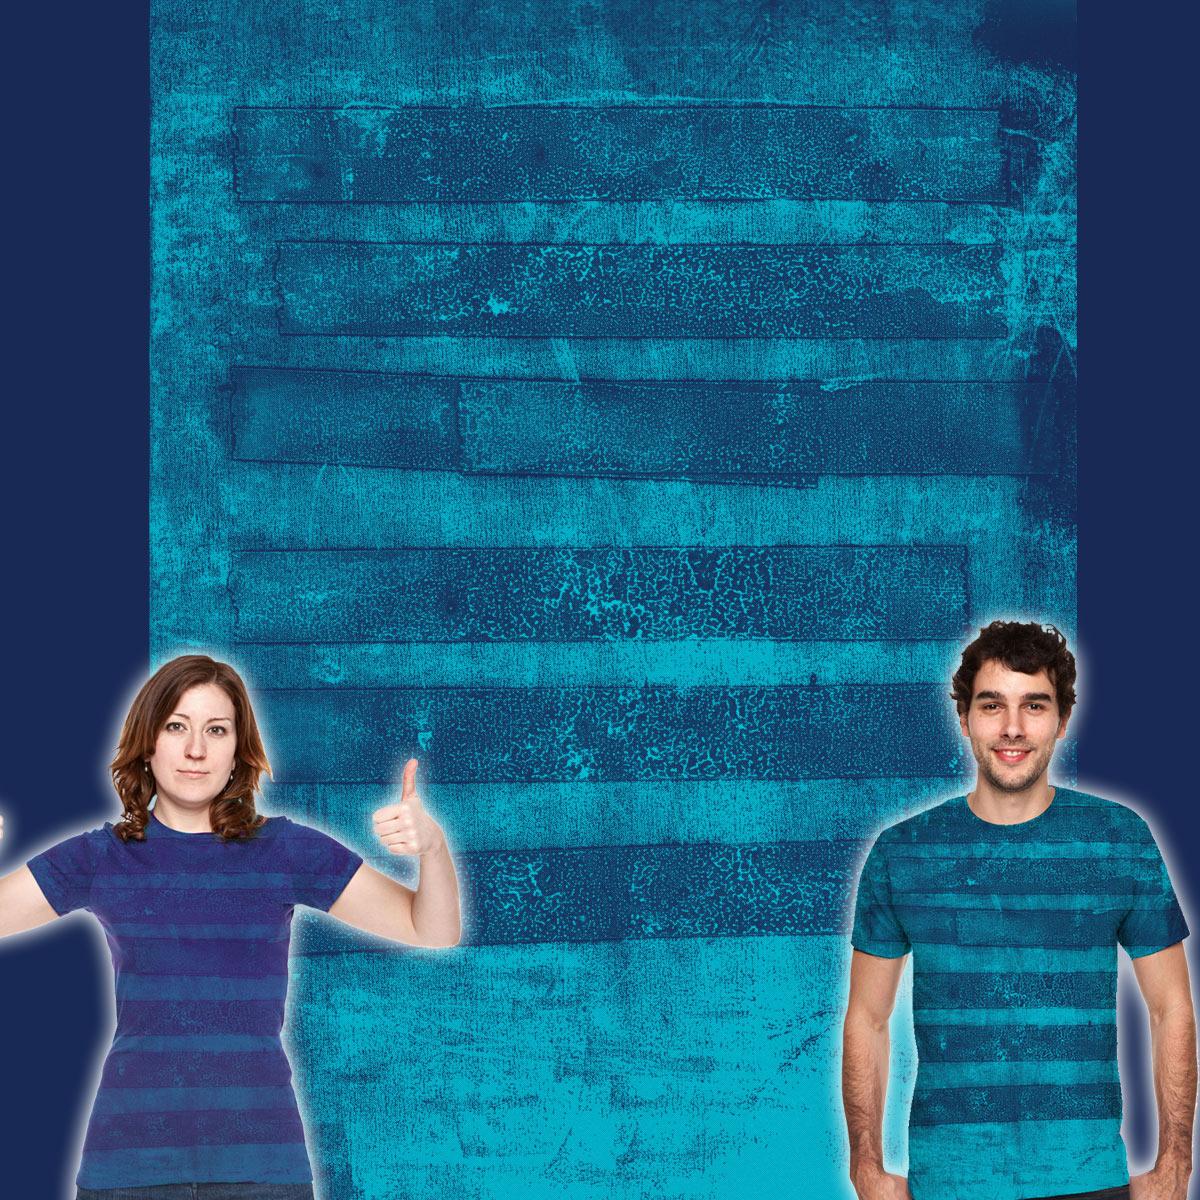 monoprint stripes by kharmazero on Threadless